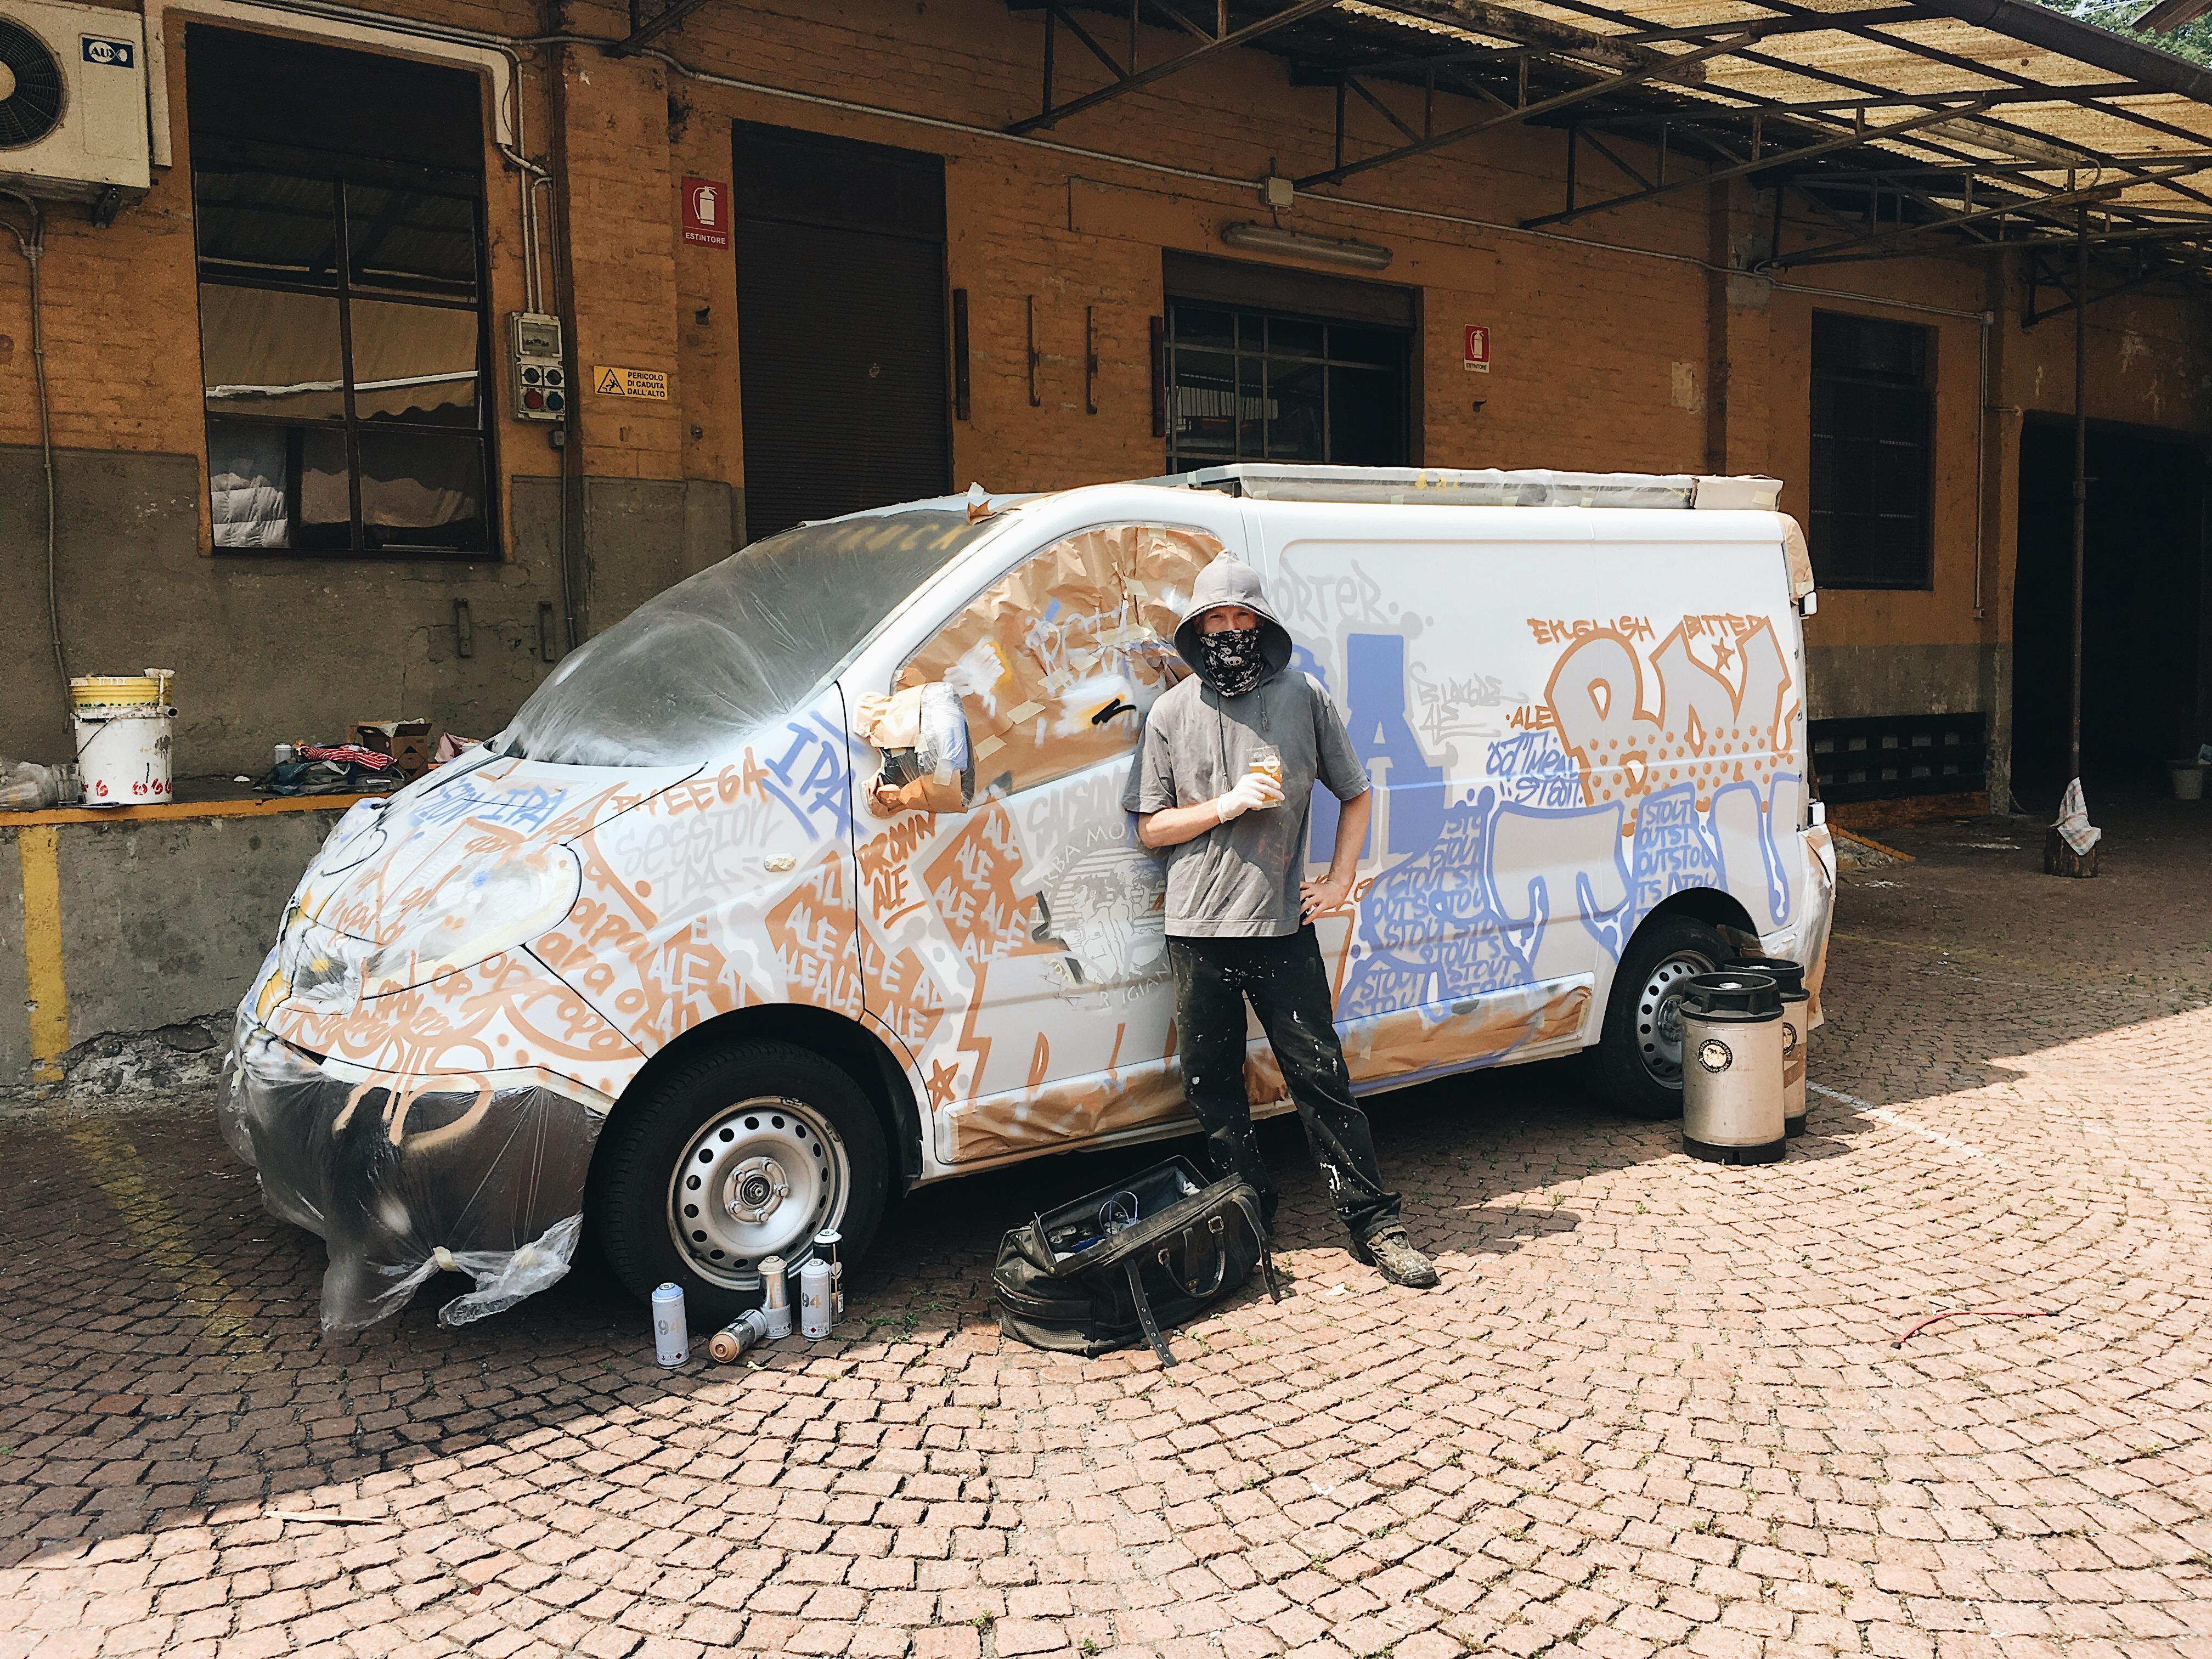 FULL HOP PARTY / new herba monstrum beer & TRUCK mercoledì 12 giugno 2019 ore 17:00 aperitivo a buffet. NUOVA BIRRA ONE SHOT: FULL HOP. NUOVO BEER TRUCK. NUOVO CORTILE INTERNO. Birre artigianali alla spina di Herba Monstrum Brewery via Ettore Monti, 29, 23851 in zona Ponte Azzone Visconti Lecco.